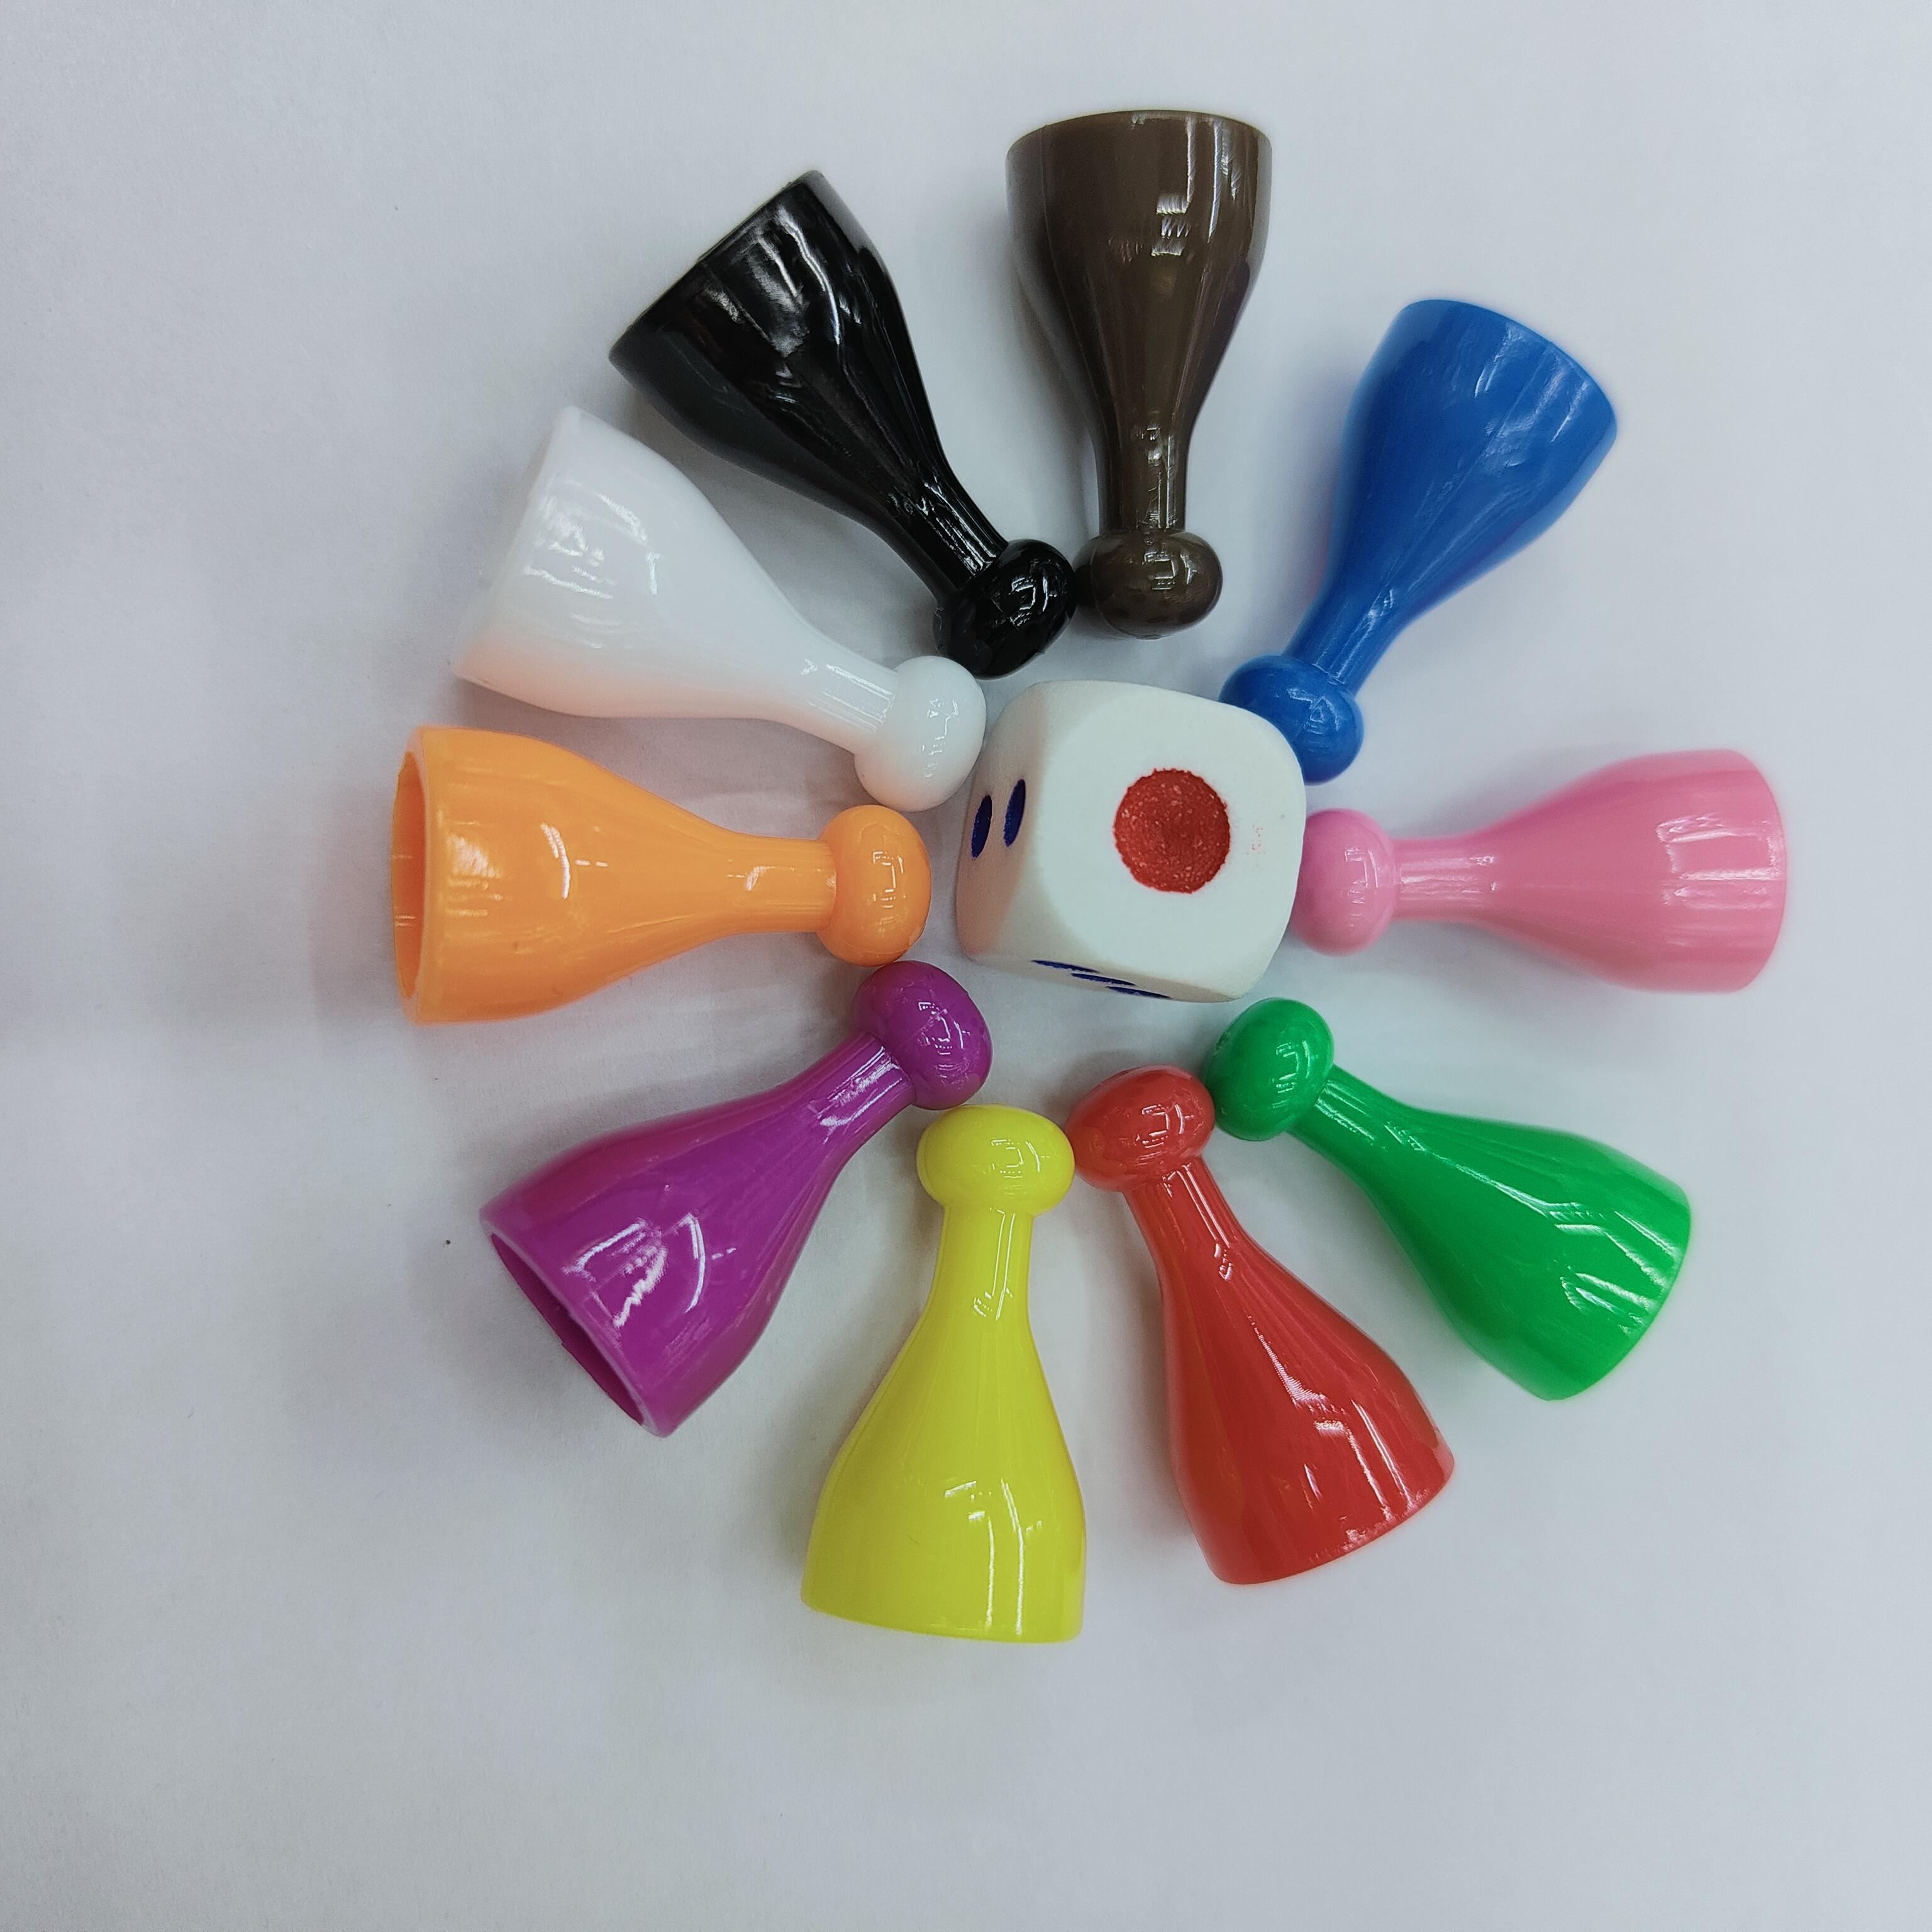 人行棋子塑料游戏配件跳棋飞行棋玩具配件塑料制品